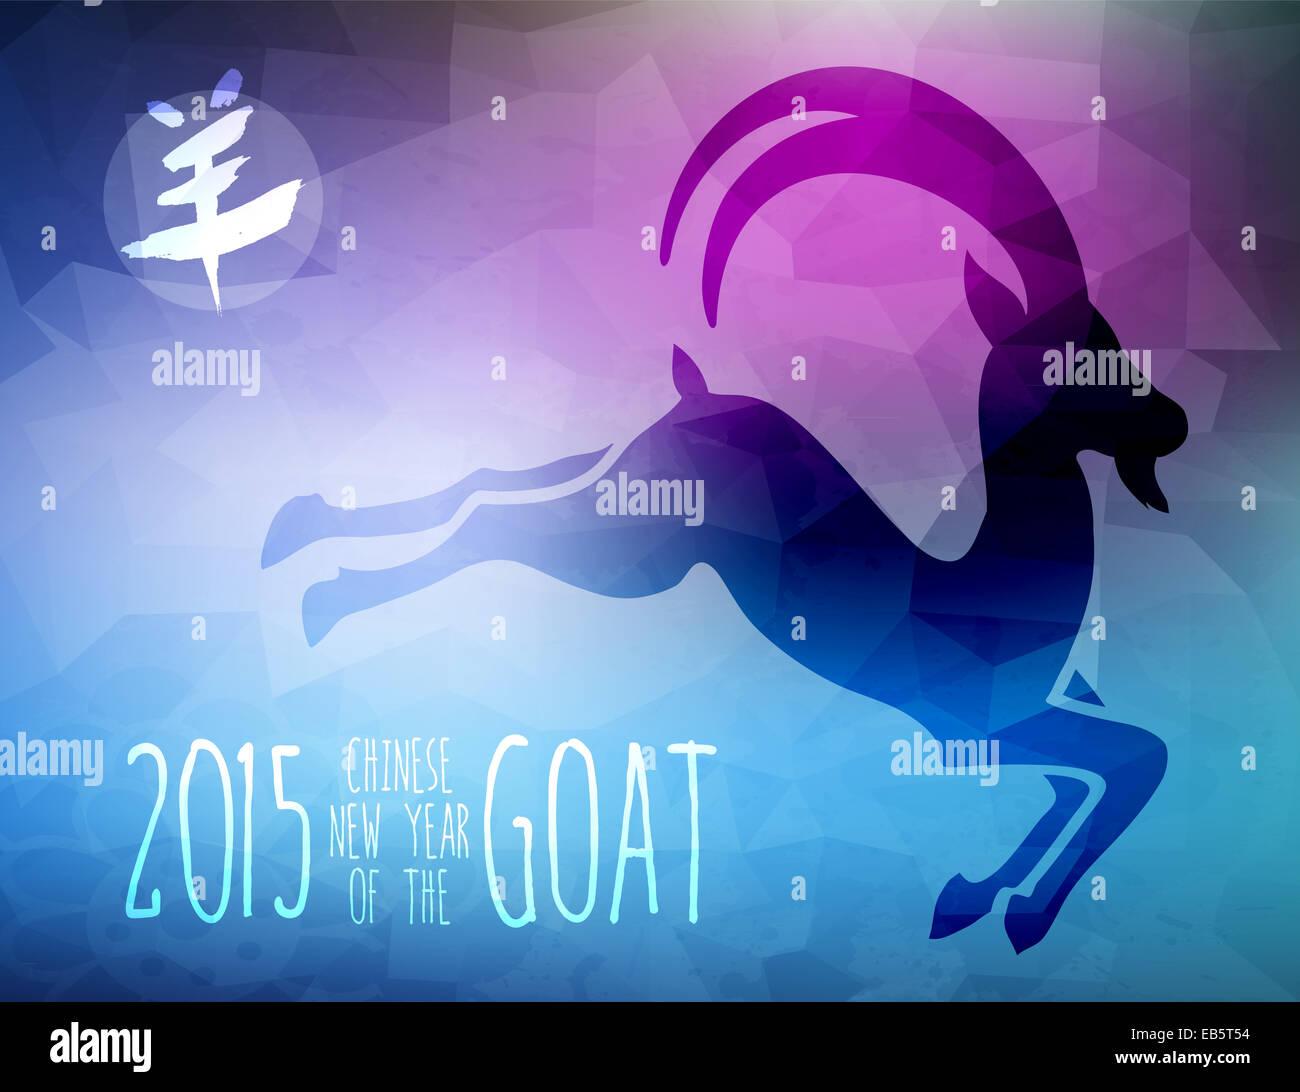 Chinesisches Horoskop Ziege Stockfotos & Chinesisches Horoskop Ziege ...